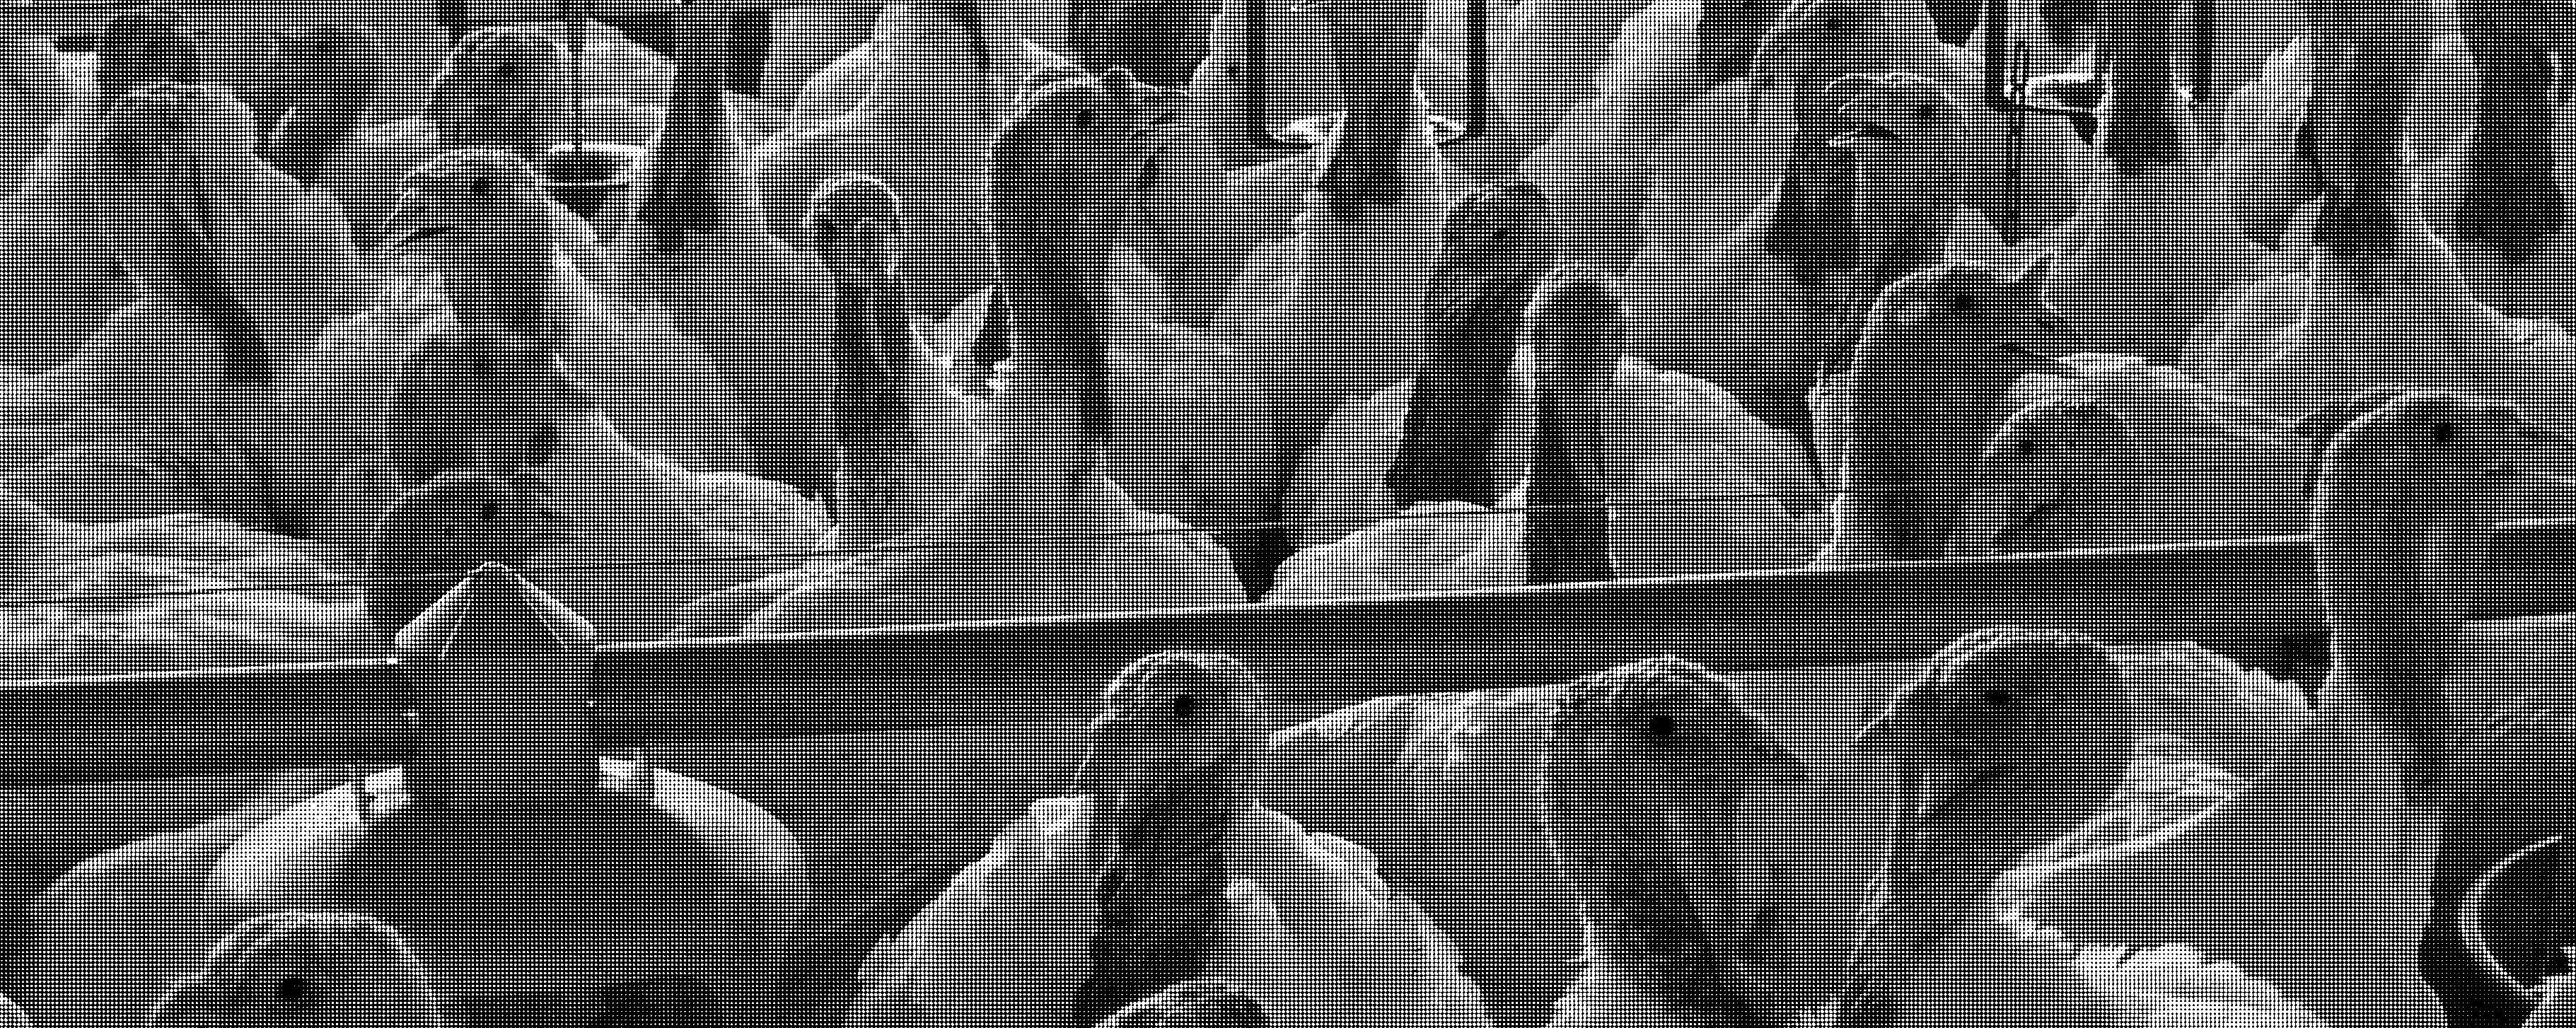 Die Keule – Antibiotika in der Tierhaltung